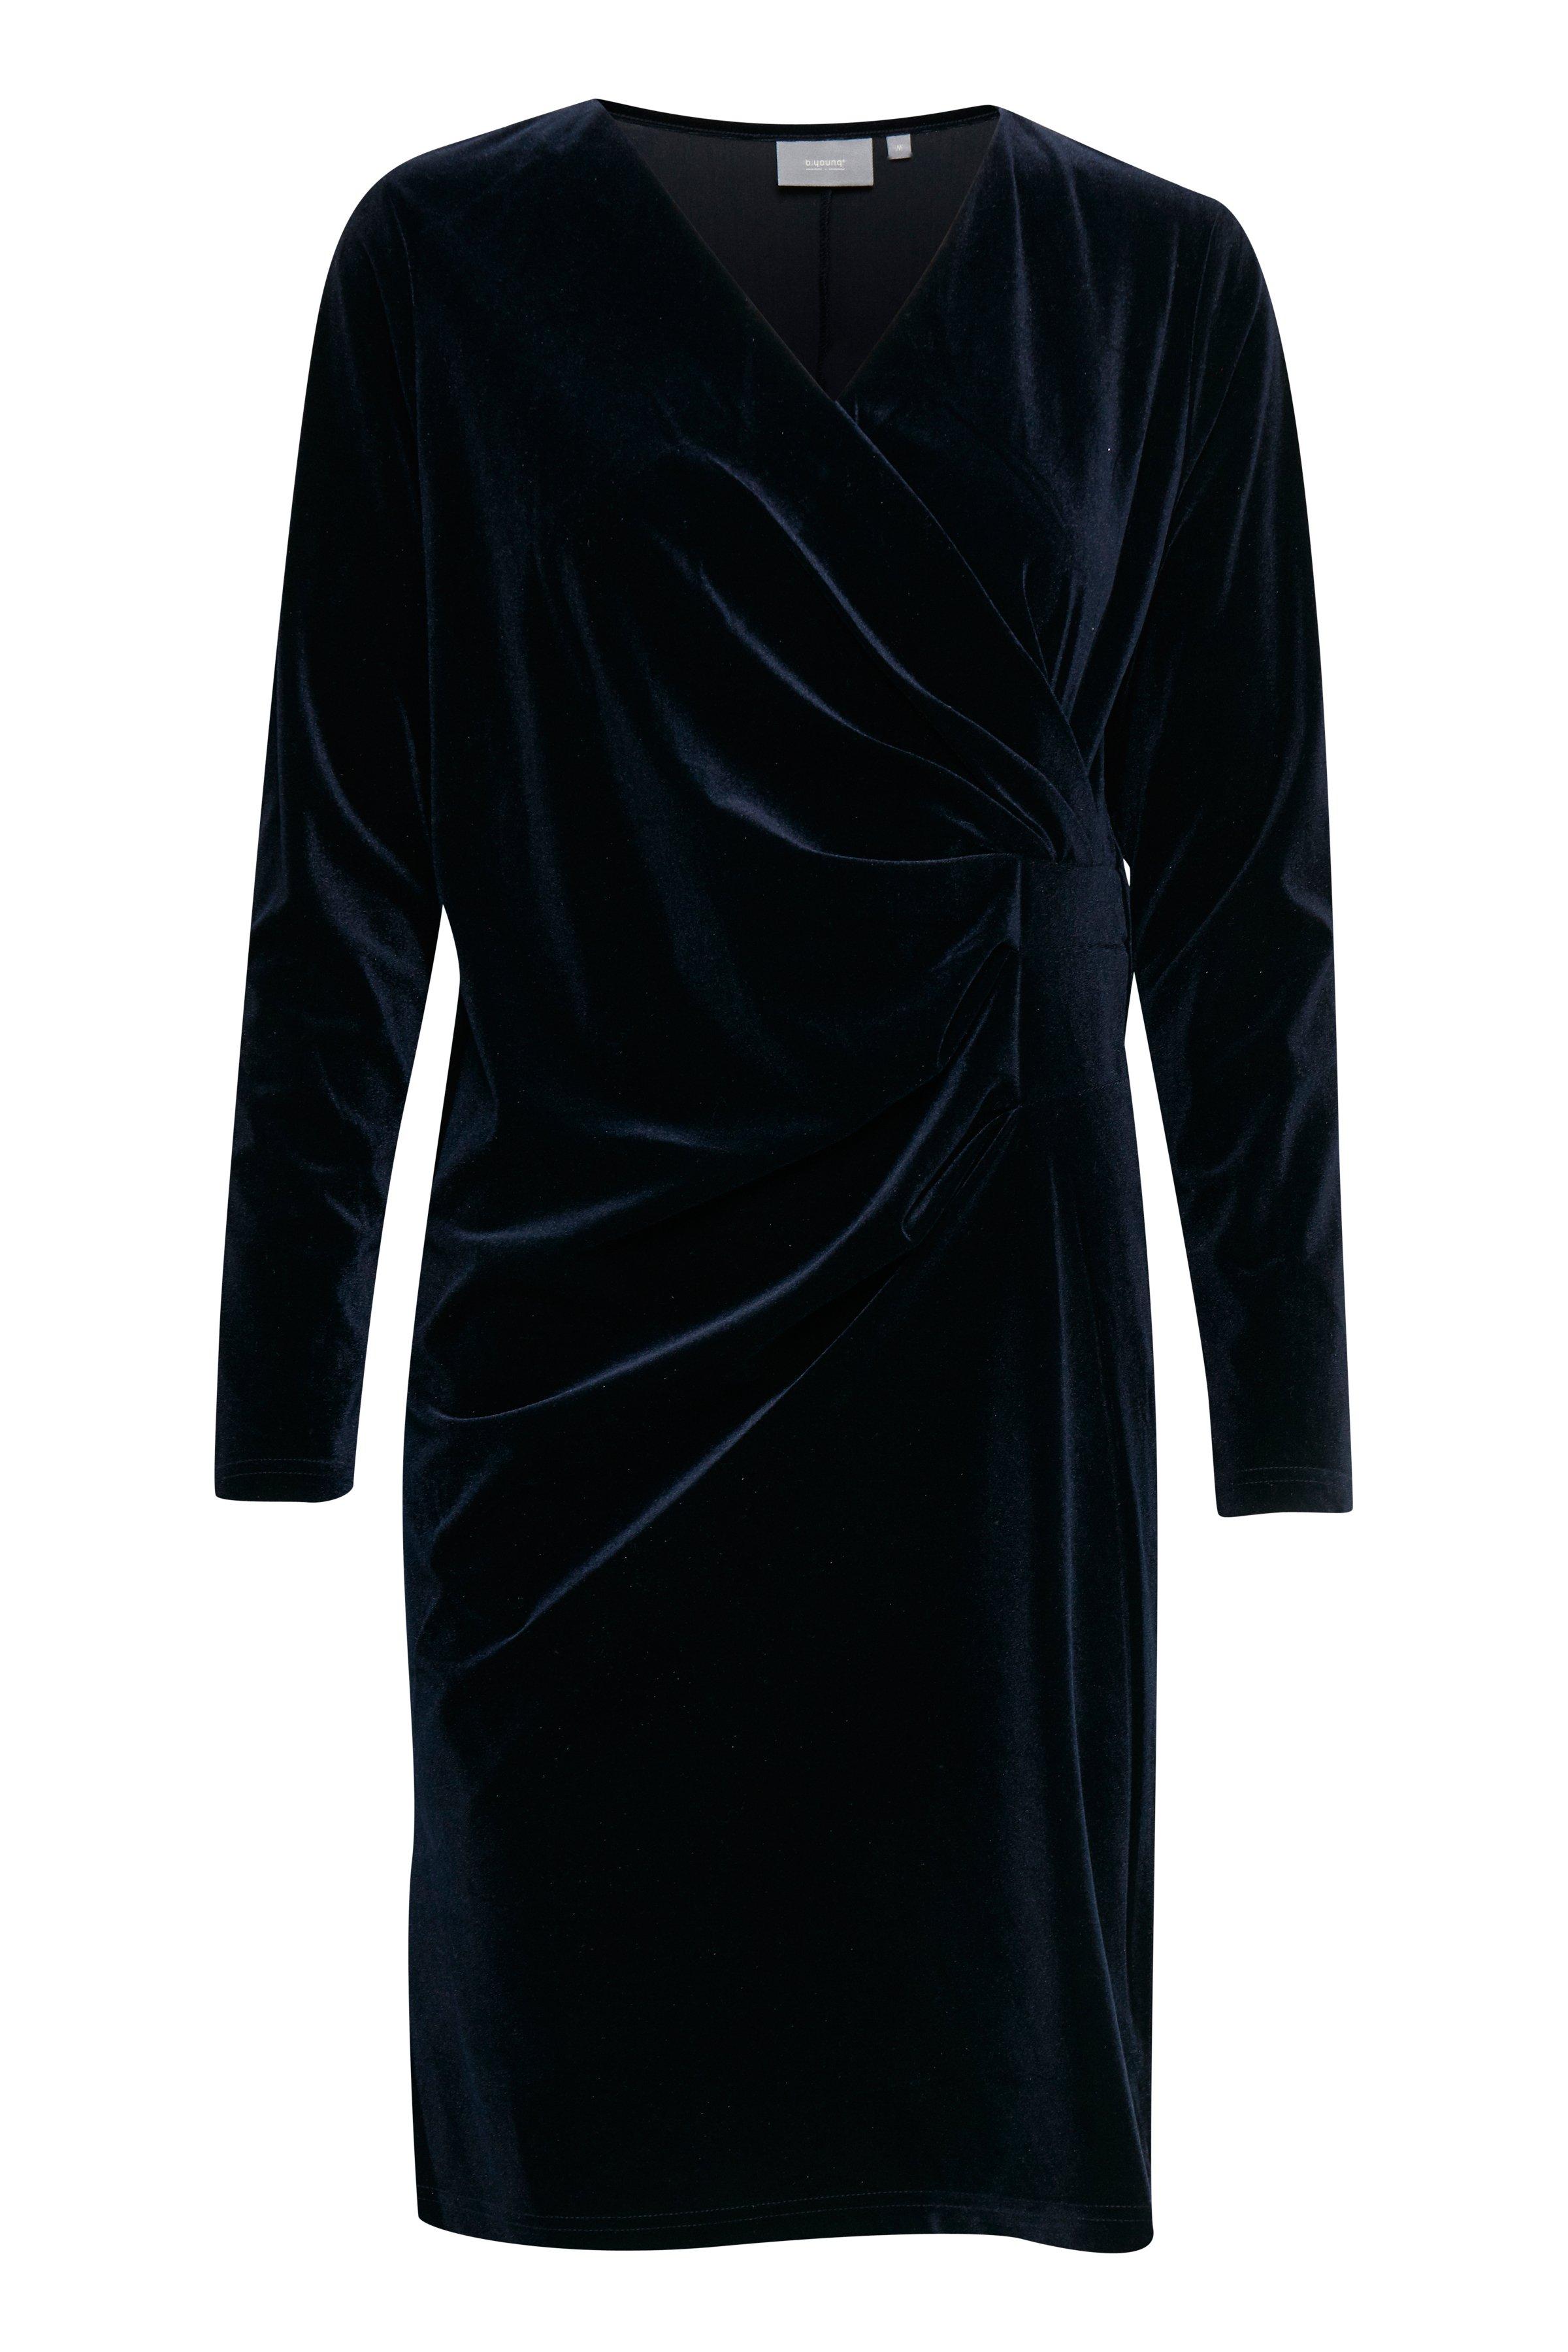 Copenhagen Night Jerseykleid von b.young – Kaufen Sie Copenhagen Night Jerseykleid aus Größe XS-XL hier